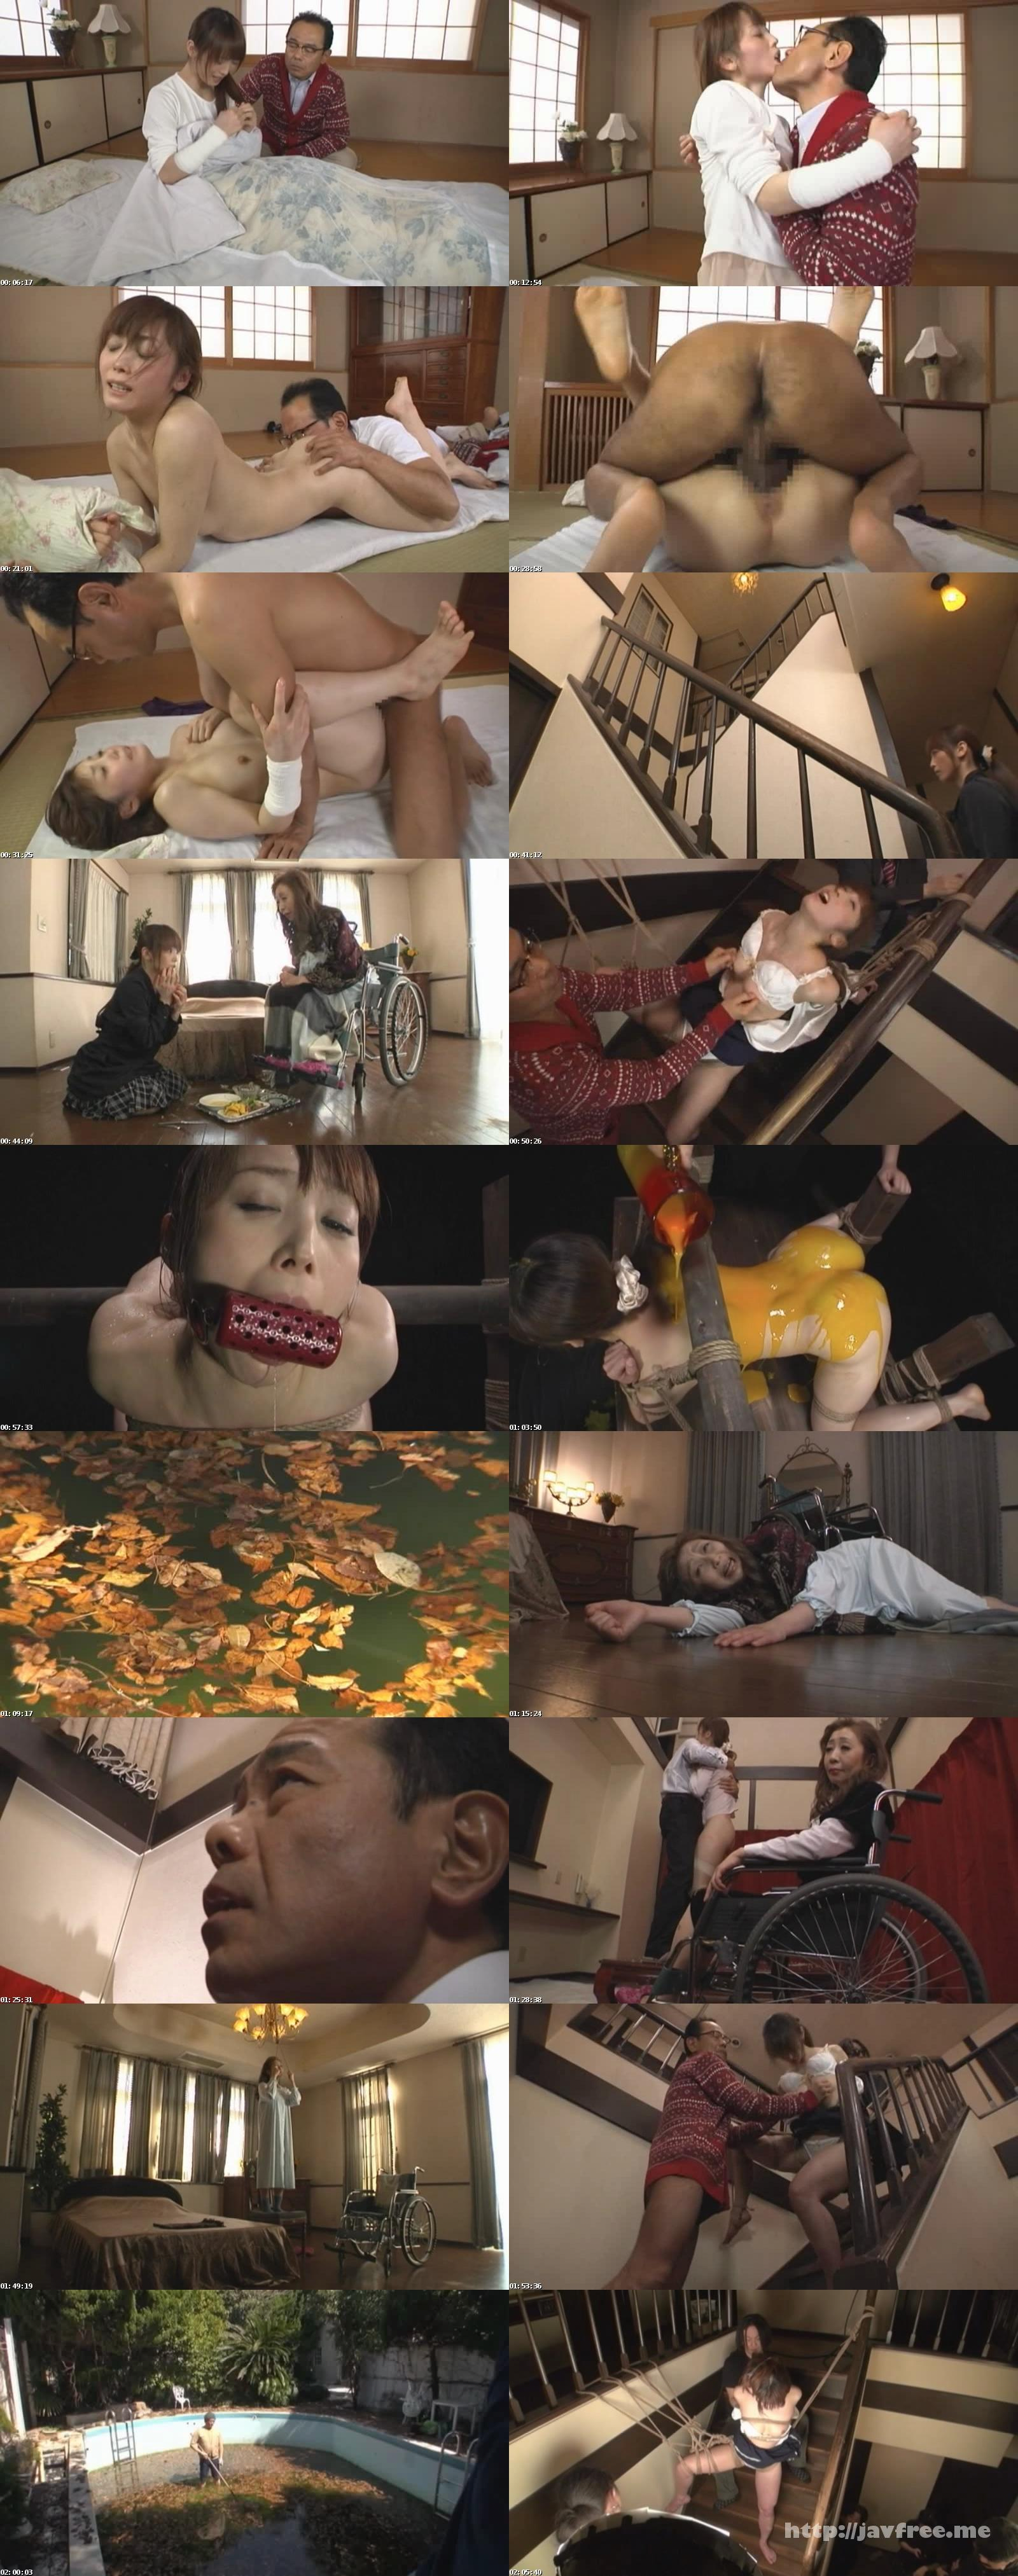 [GTJ 026] 拷問屋敷 被虐の家政婦 樹花凜 樹花凜 七咲楓花 GTJ